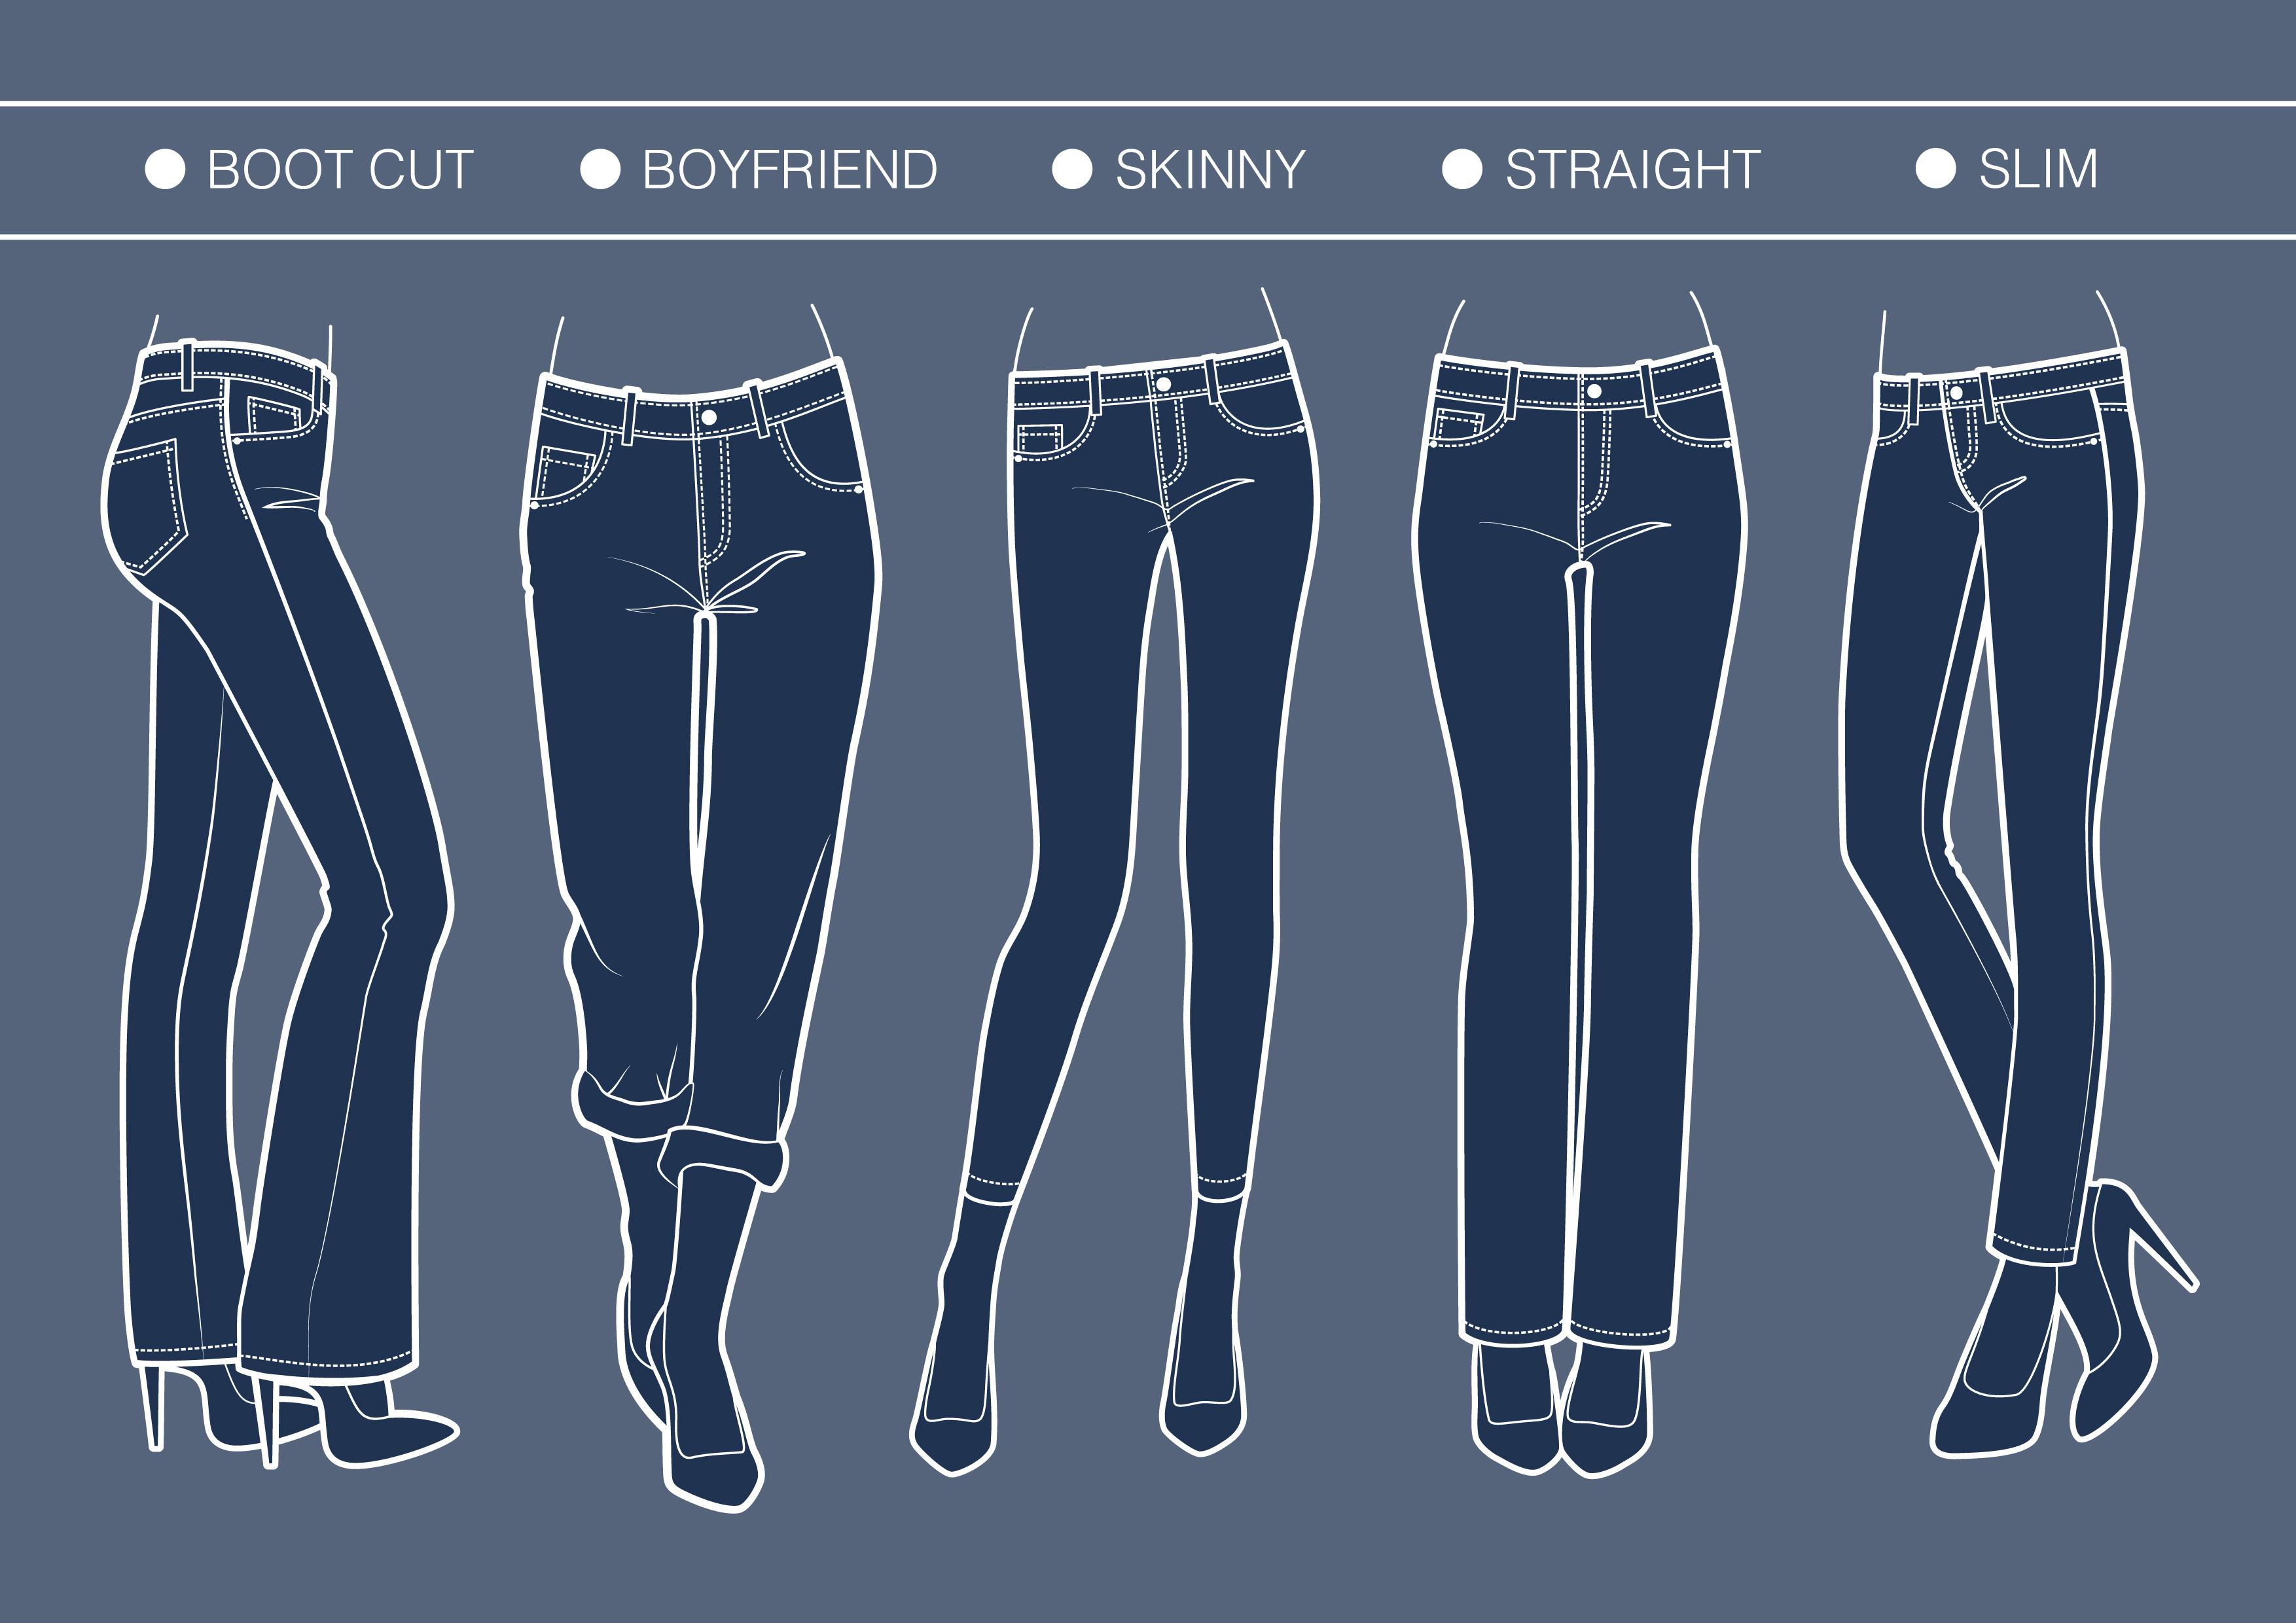 noi de înaltă calitate coduri promoționale reduceri mari 5 modele de blugi pe care trebuie sa ii ai in garderoba | Answear